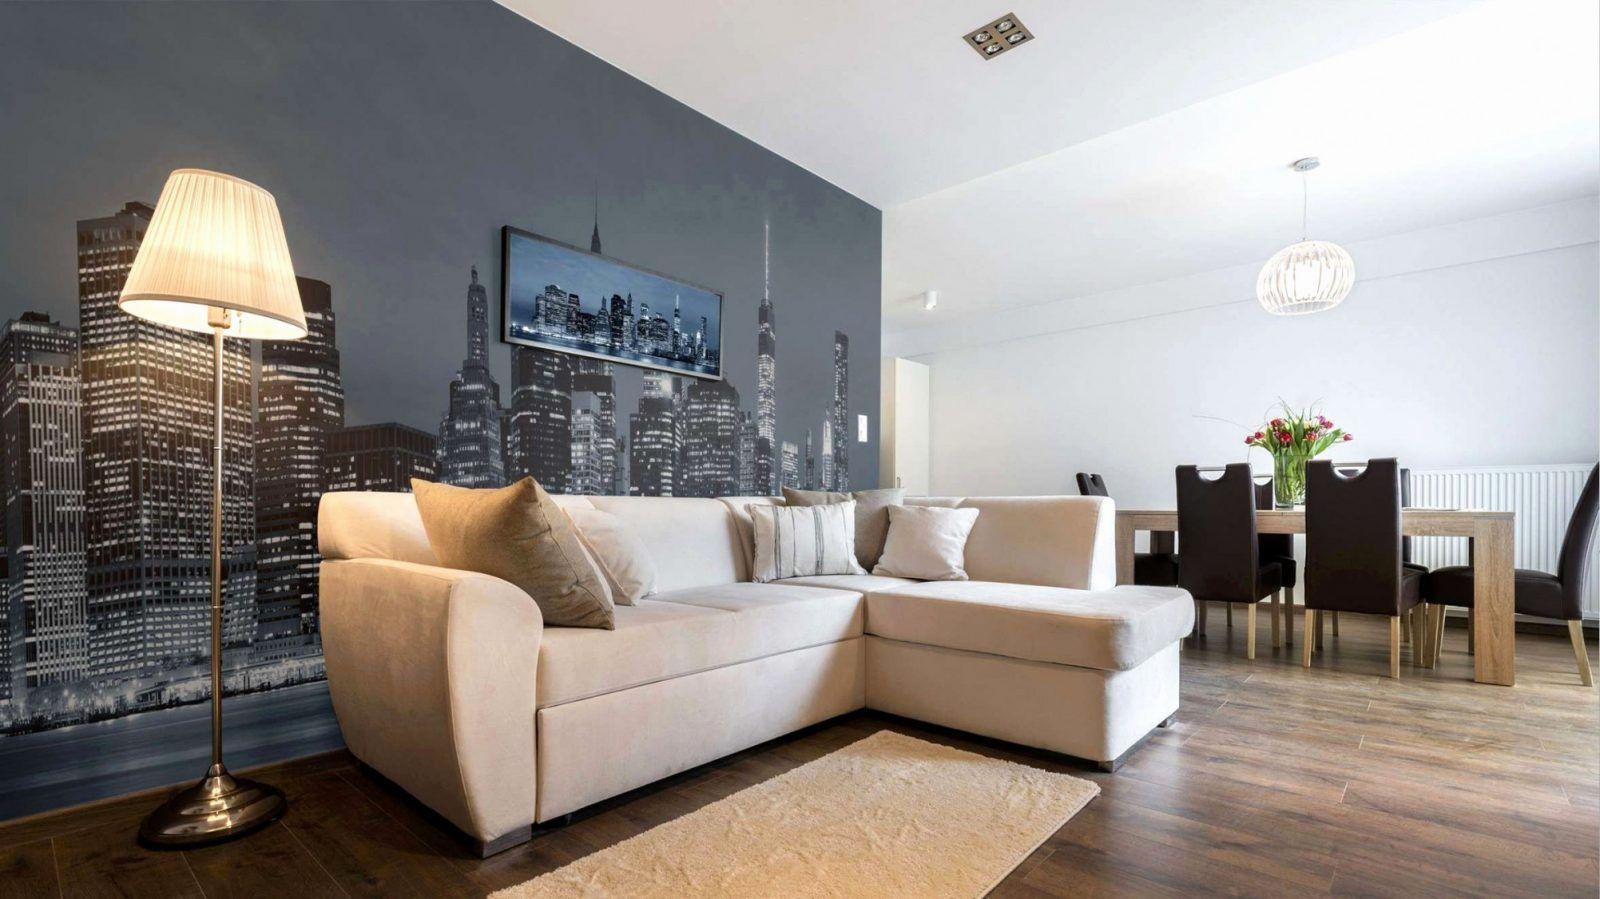 Holz Deko Wand Wohnzimmer von Dekoration Für Die Wand Bild in 3